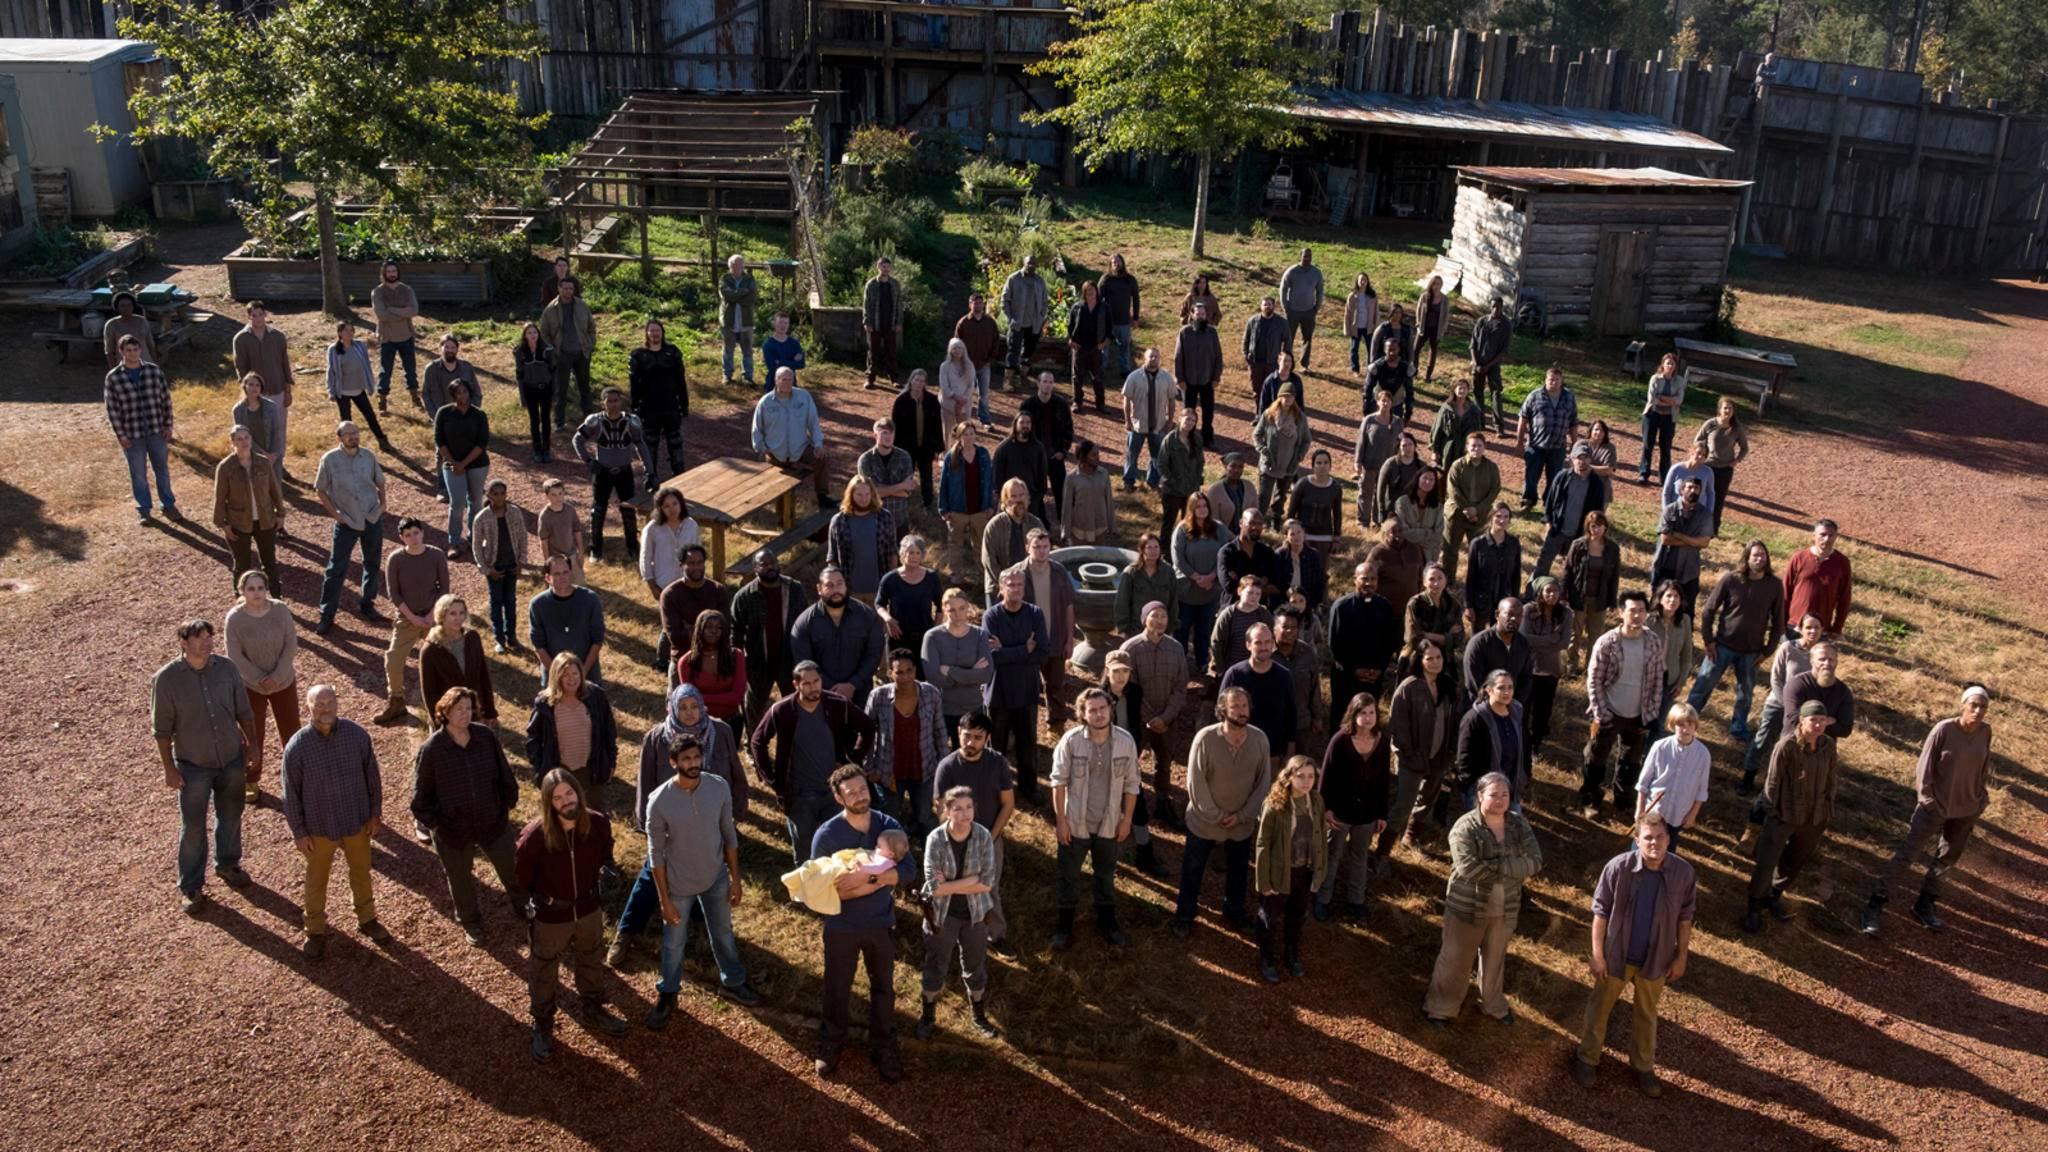 """Die Gruppe wächst: Ein neuer Castingaufruf für Staffel 9 kündigt zwei wichtige """"The Walking Dead""""-Figuren an."""